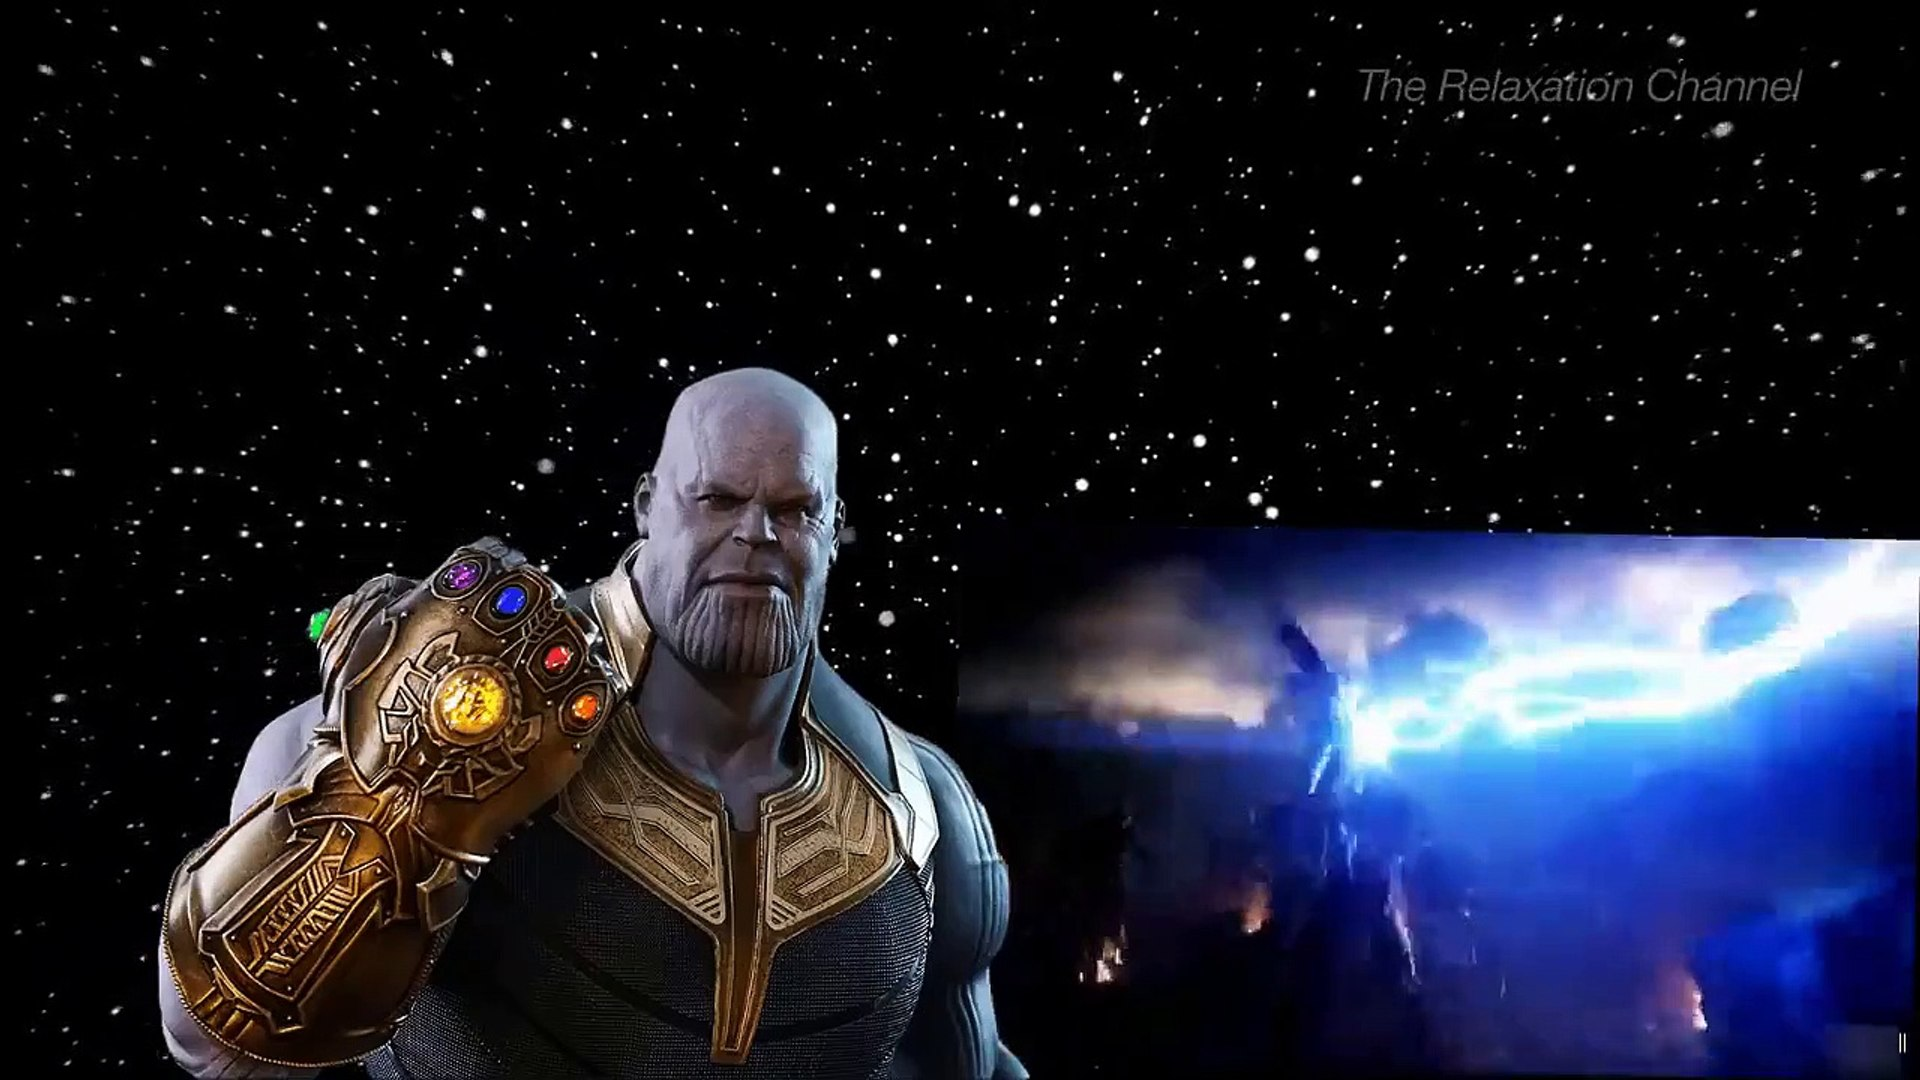 Avengers Endgame Final Battle | Avengers Endgame Last Fight | Avengers Endgame Fight Scene